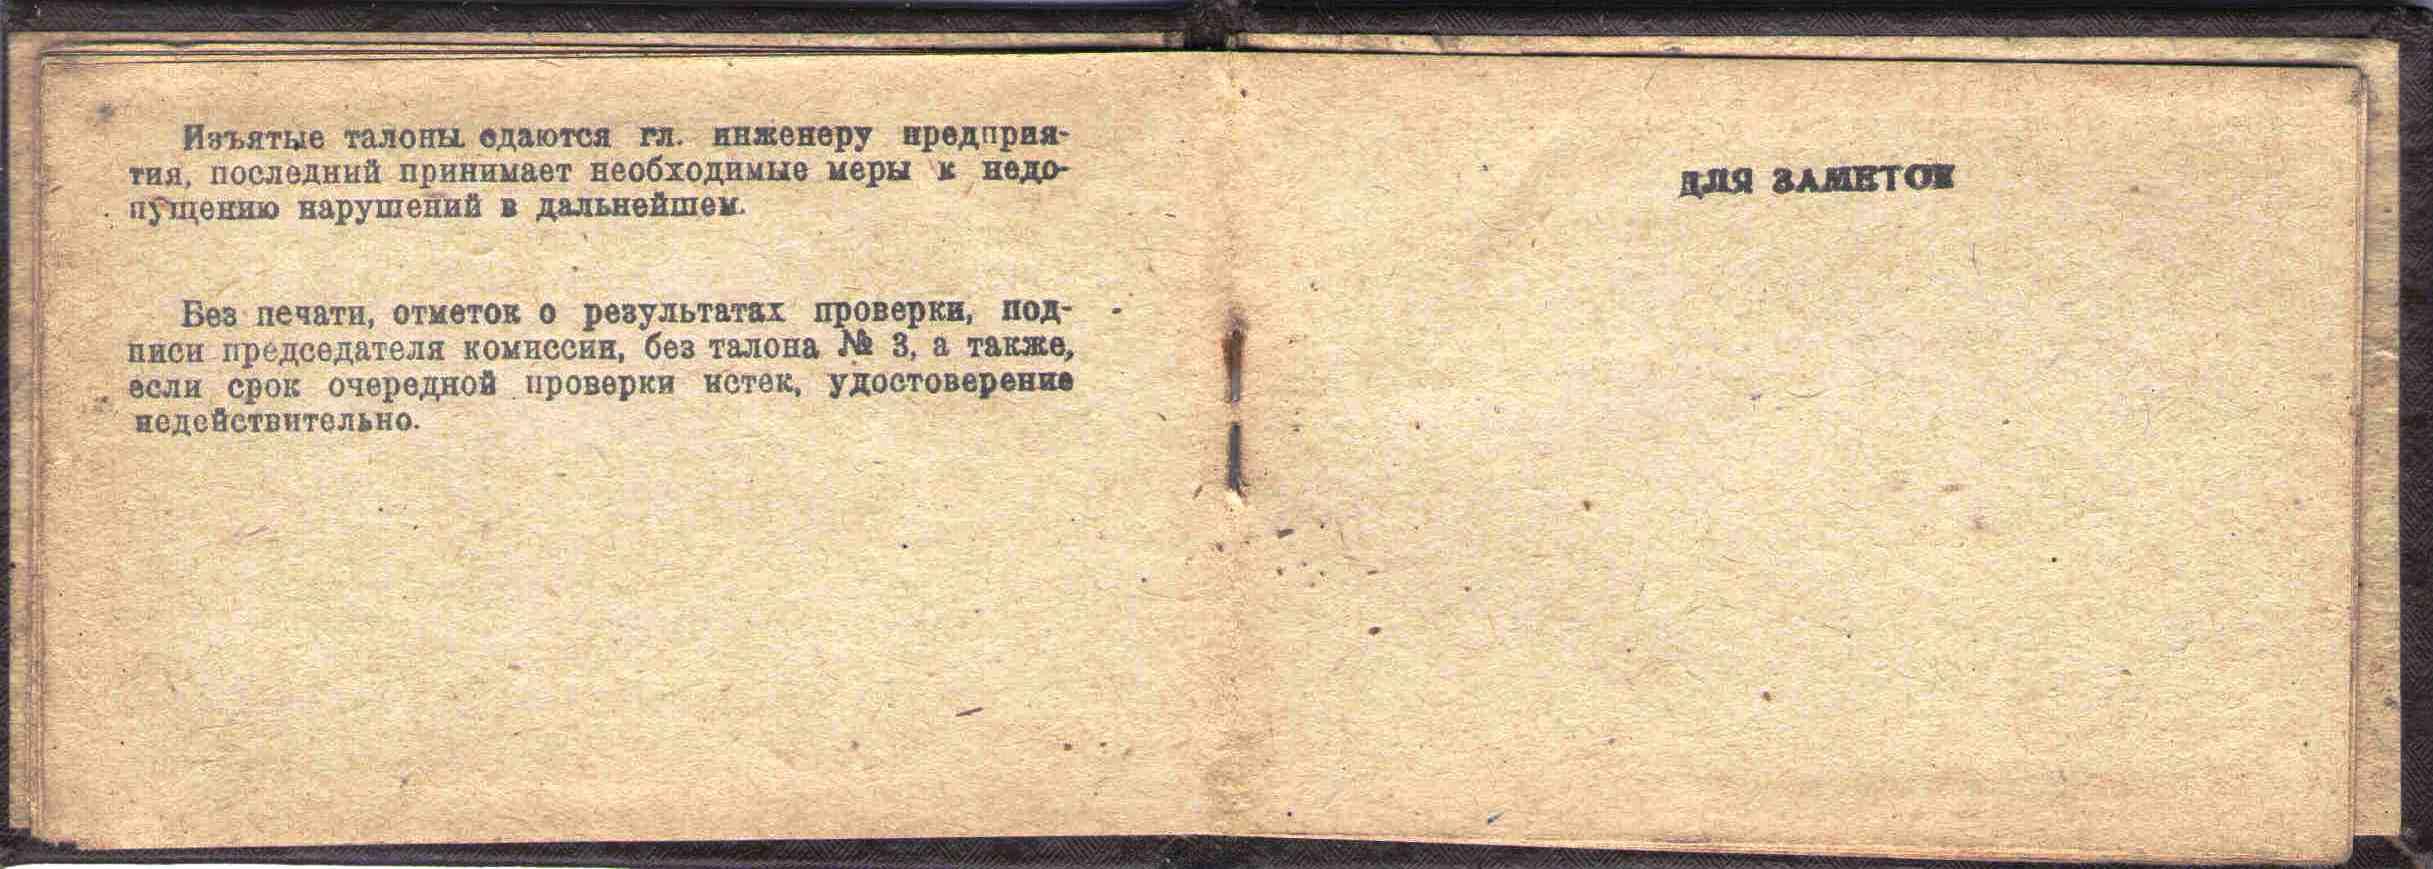 53. Удостоверение об образовании, Барыкин ПП, 1962